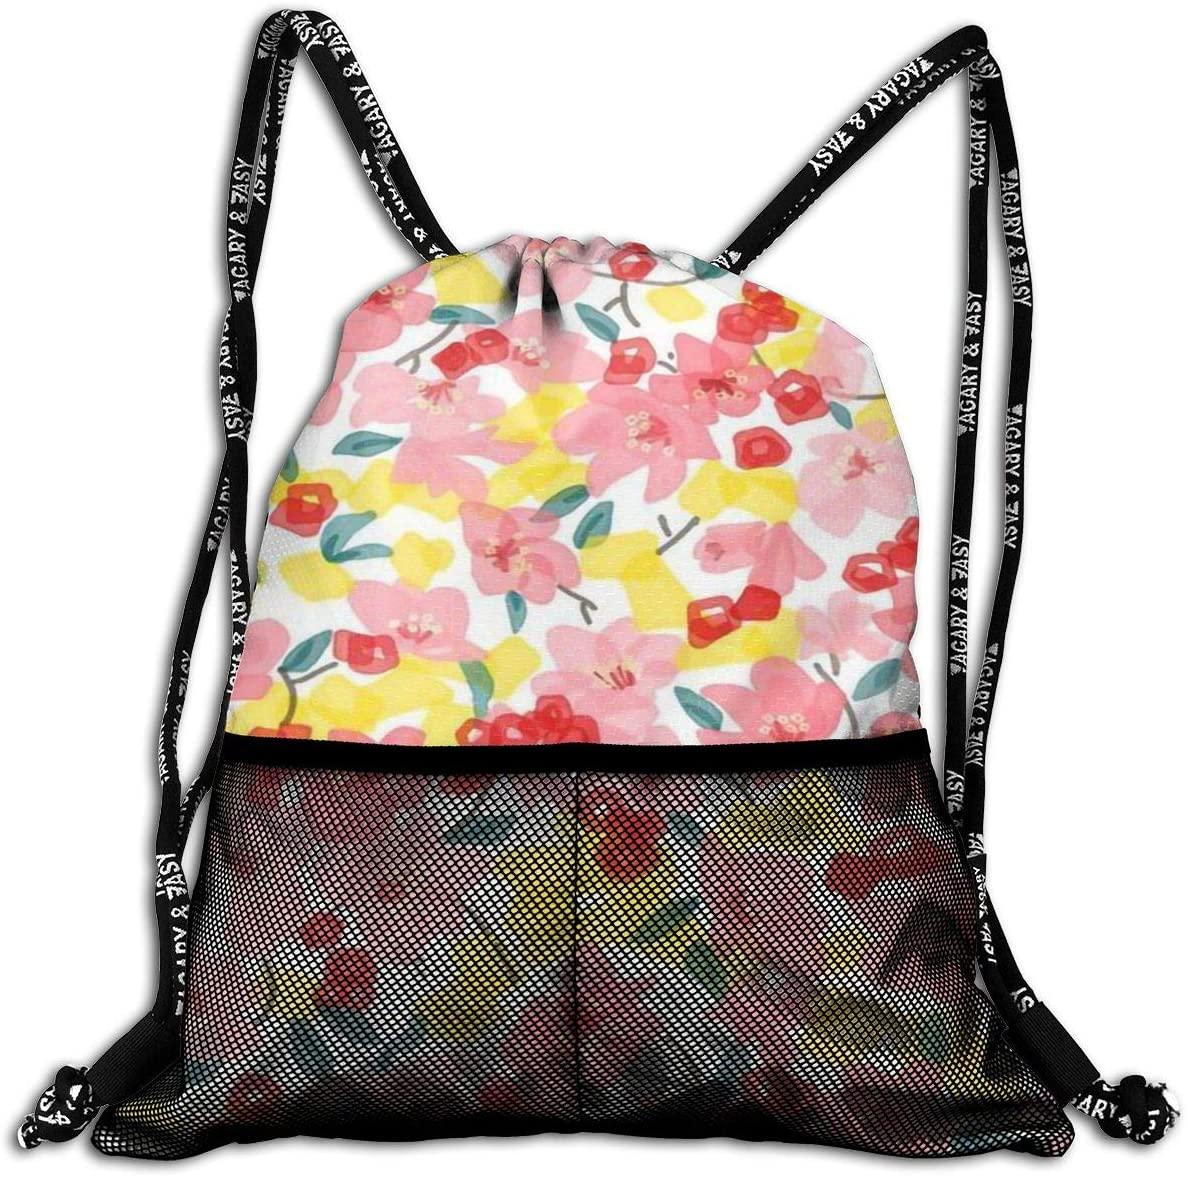 Floral Bundle Backpacks Large Drawsting Bag String Bag for Teens